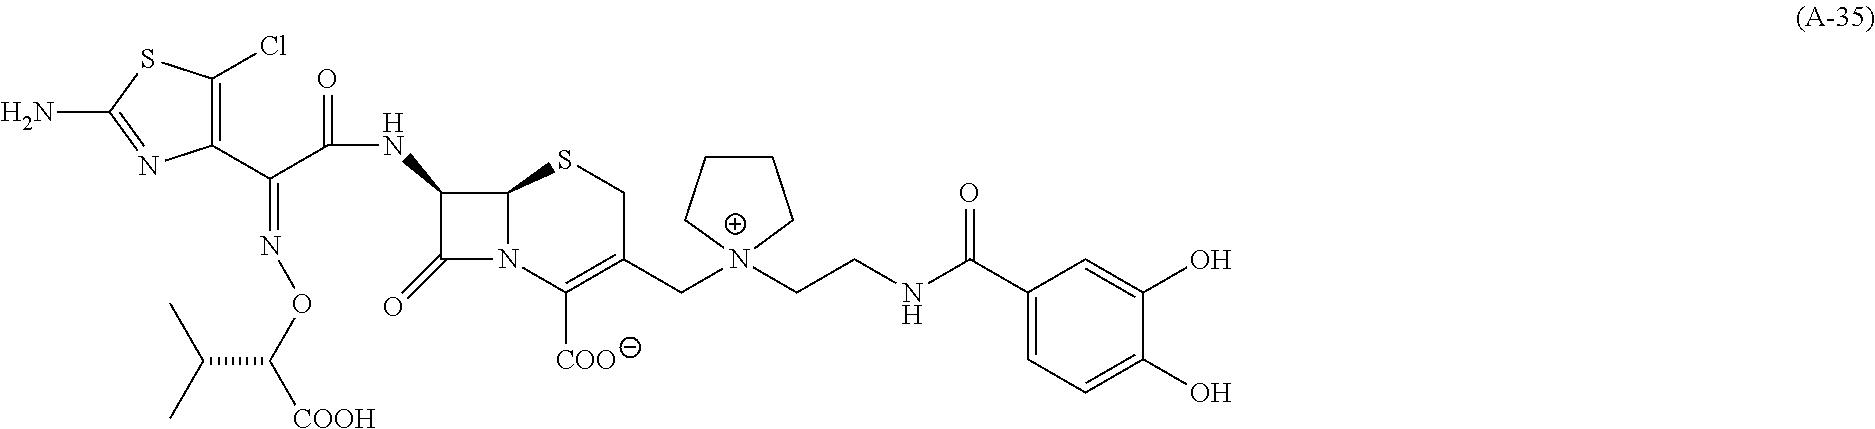 Figure US09145425-20150929-C00018